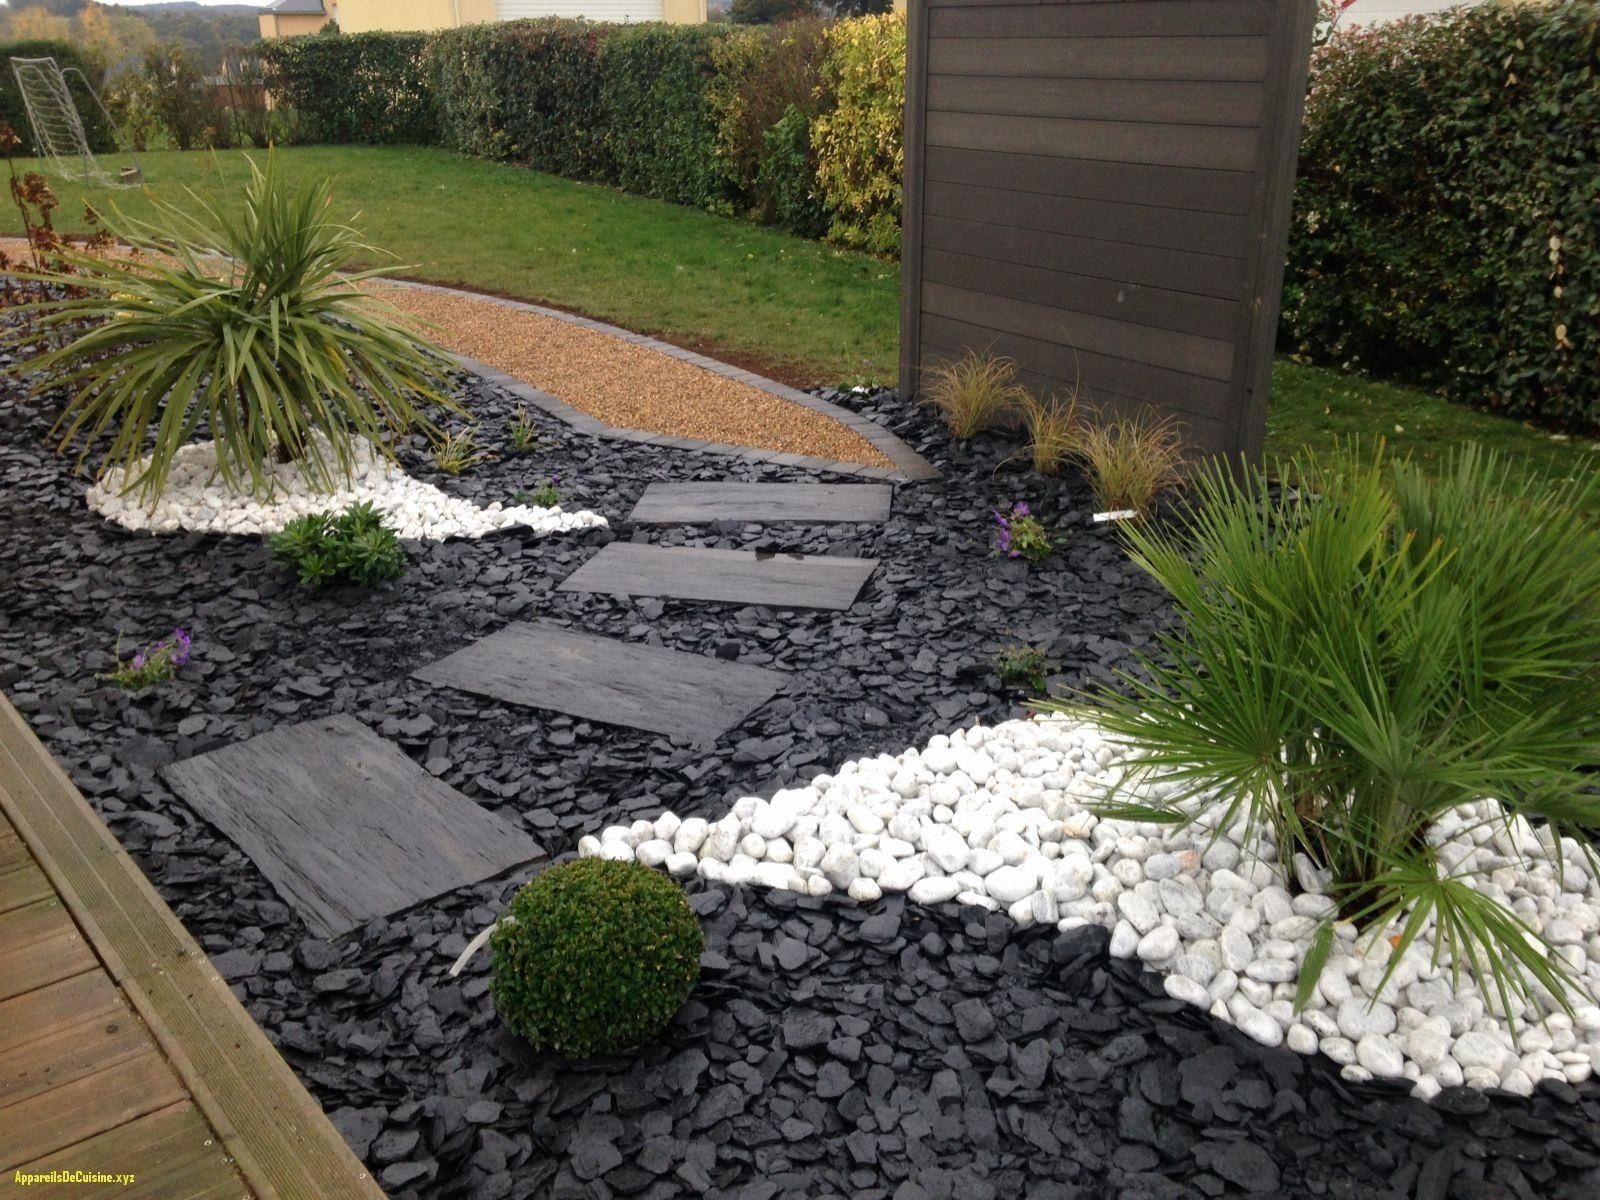 Jardin Zen Exterieur Best Of Amenagement Butte Exterieur ... encequiconcerne Jardin Avec Galets Blancs